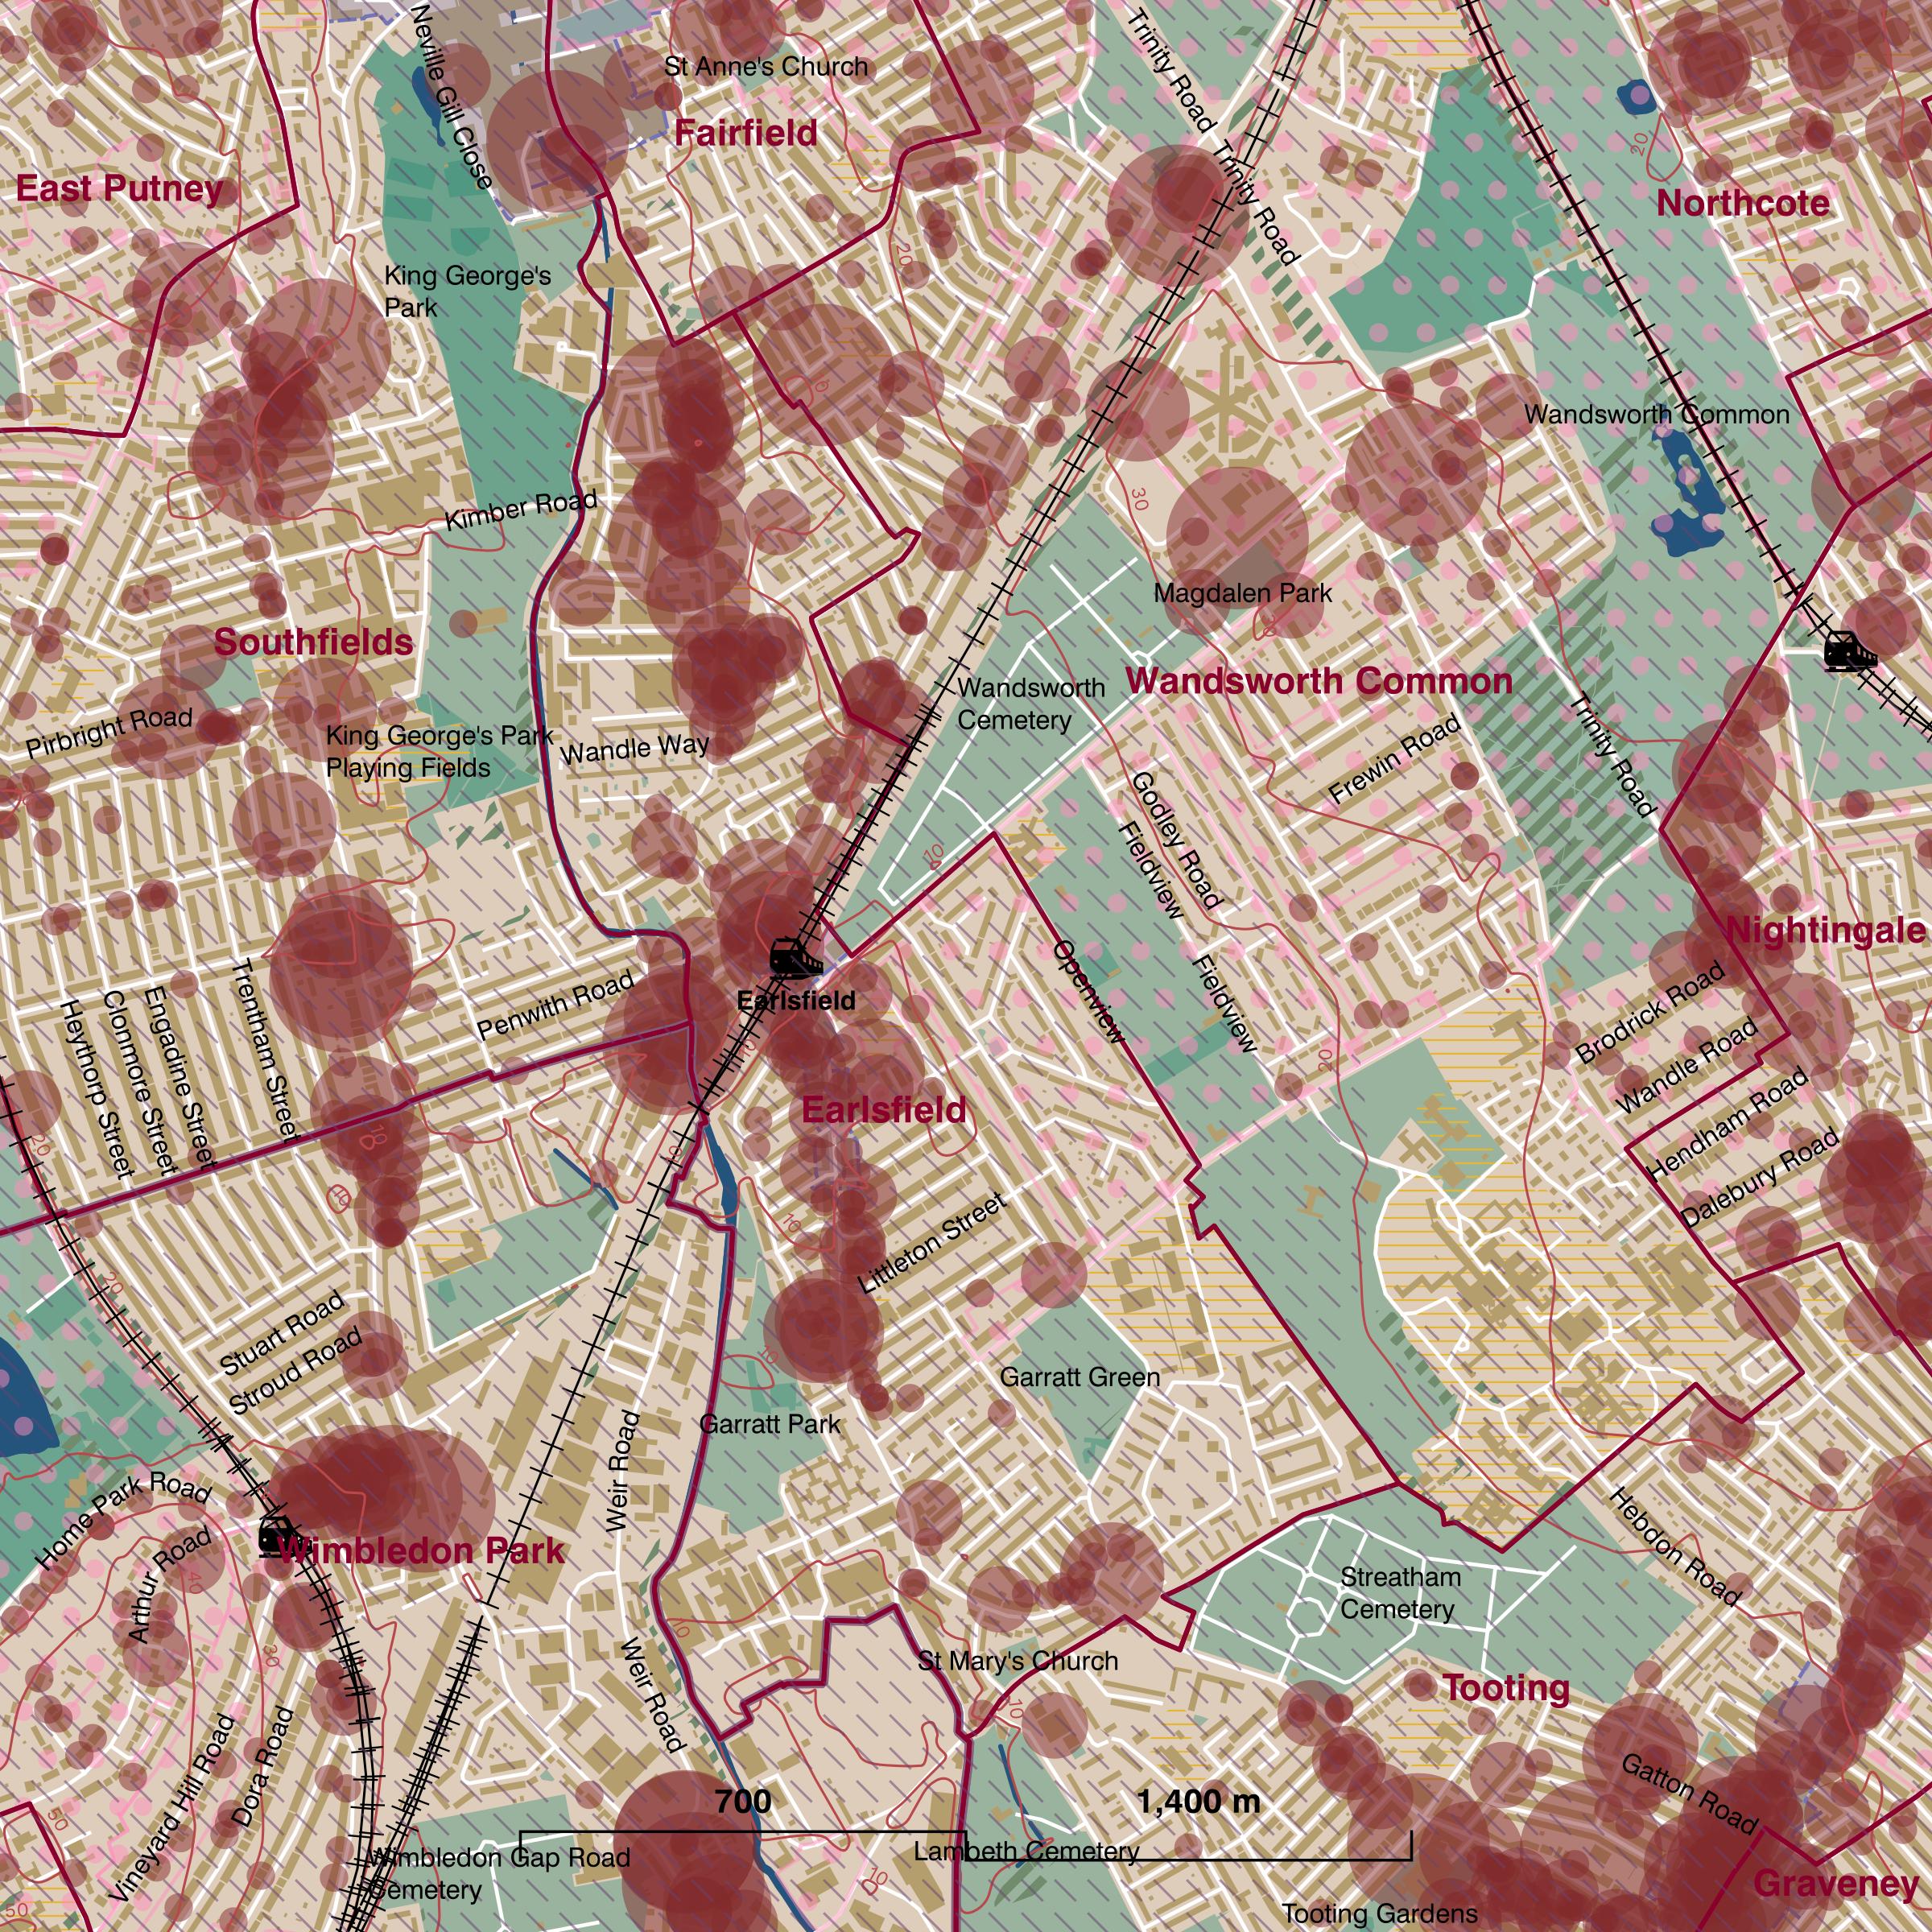 Map of Earlsfield ward